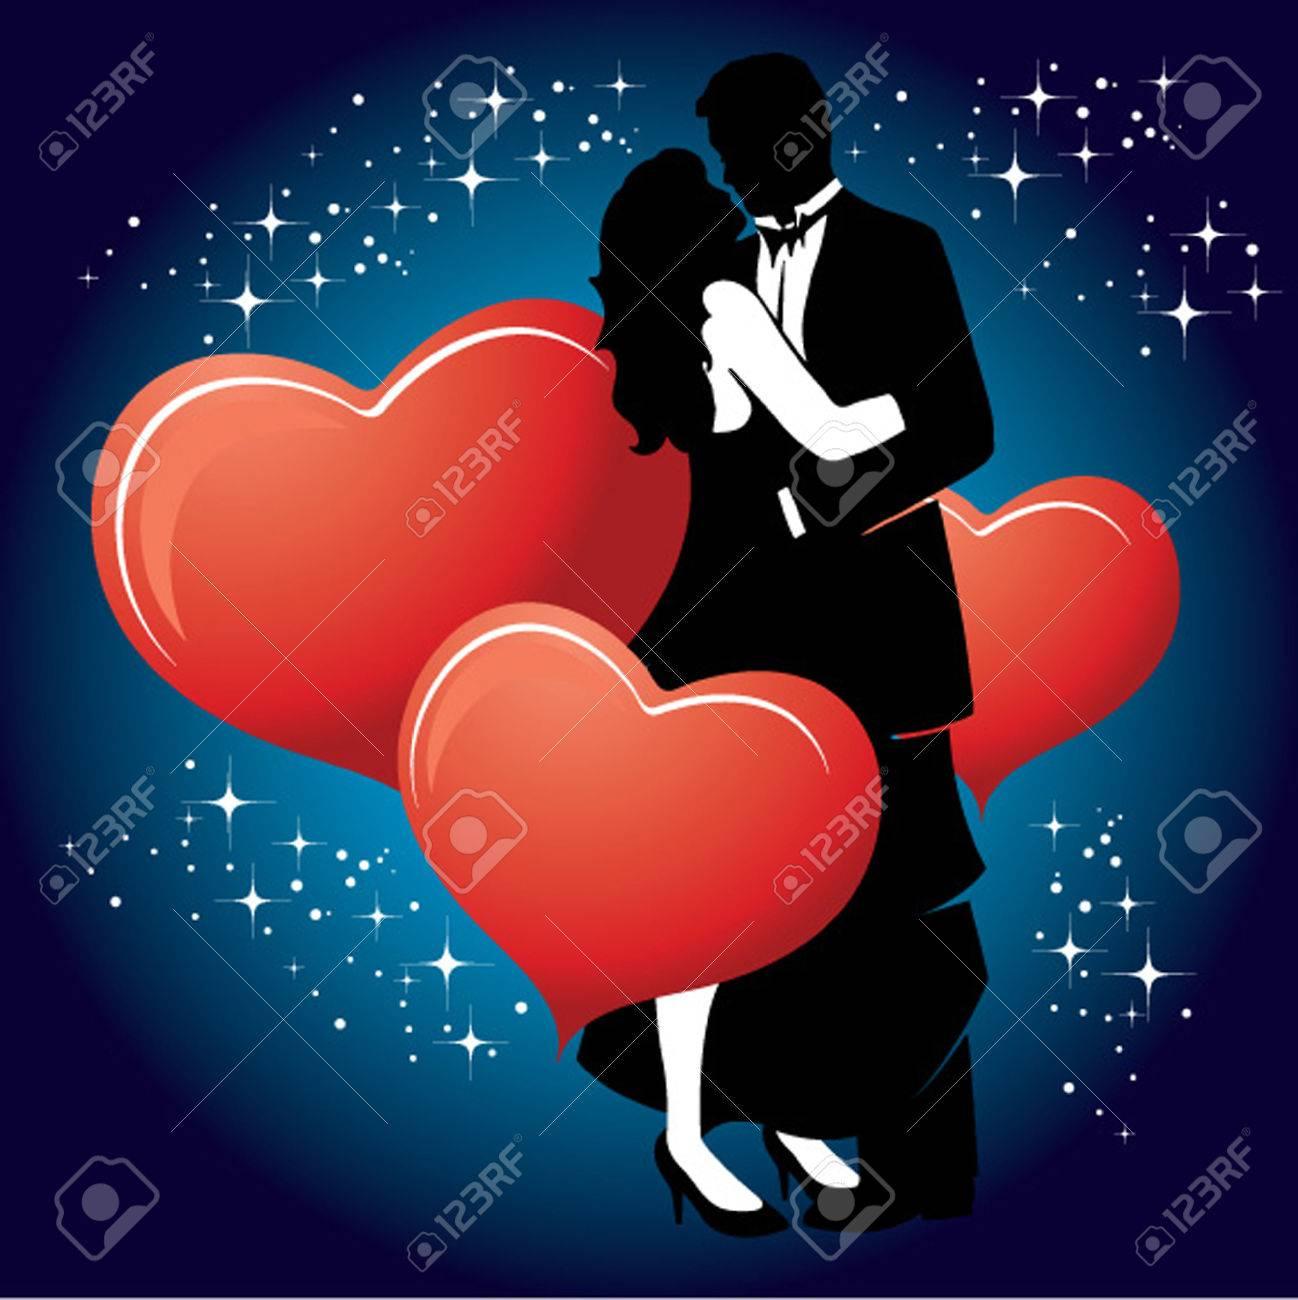 Romantic Valentine Couple Stock Vector - 6182148